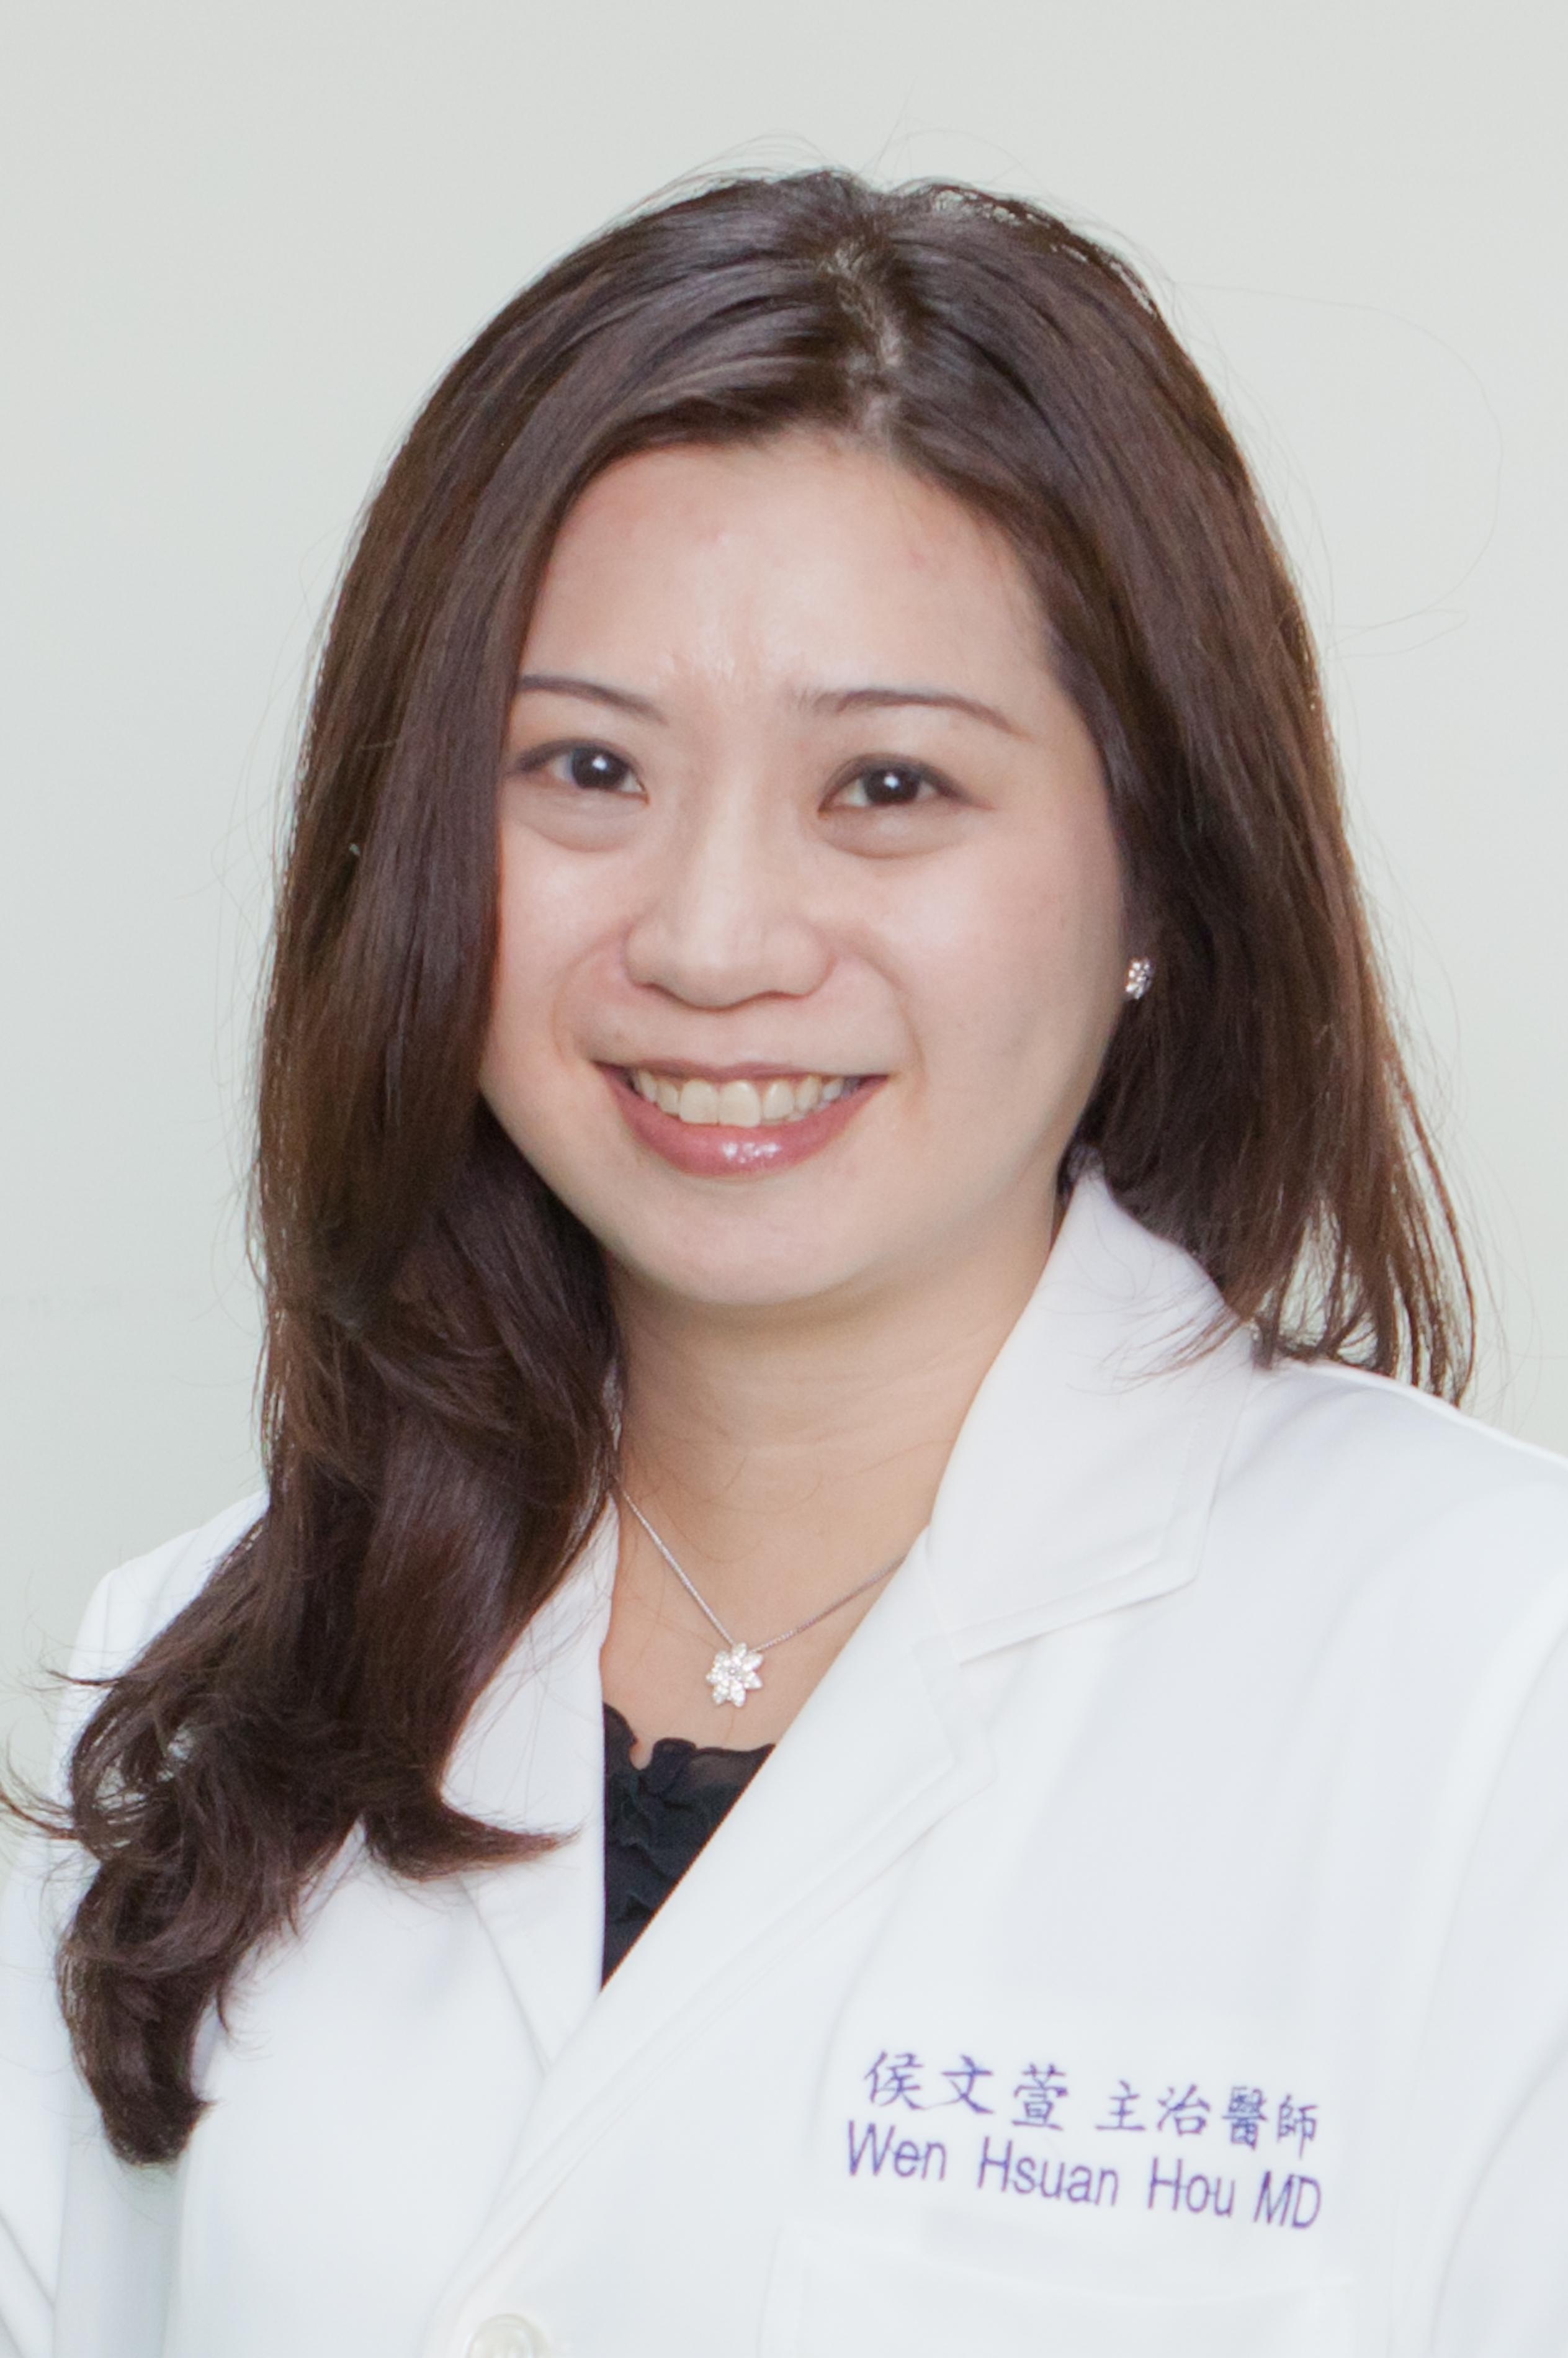 侯文萱 醫師